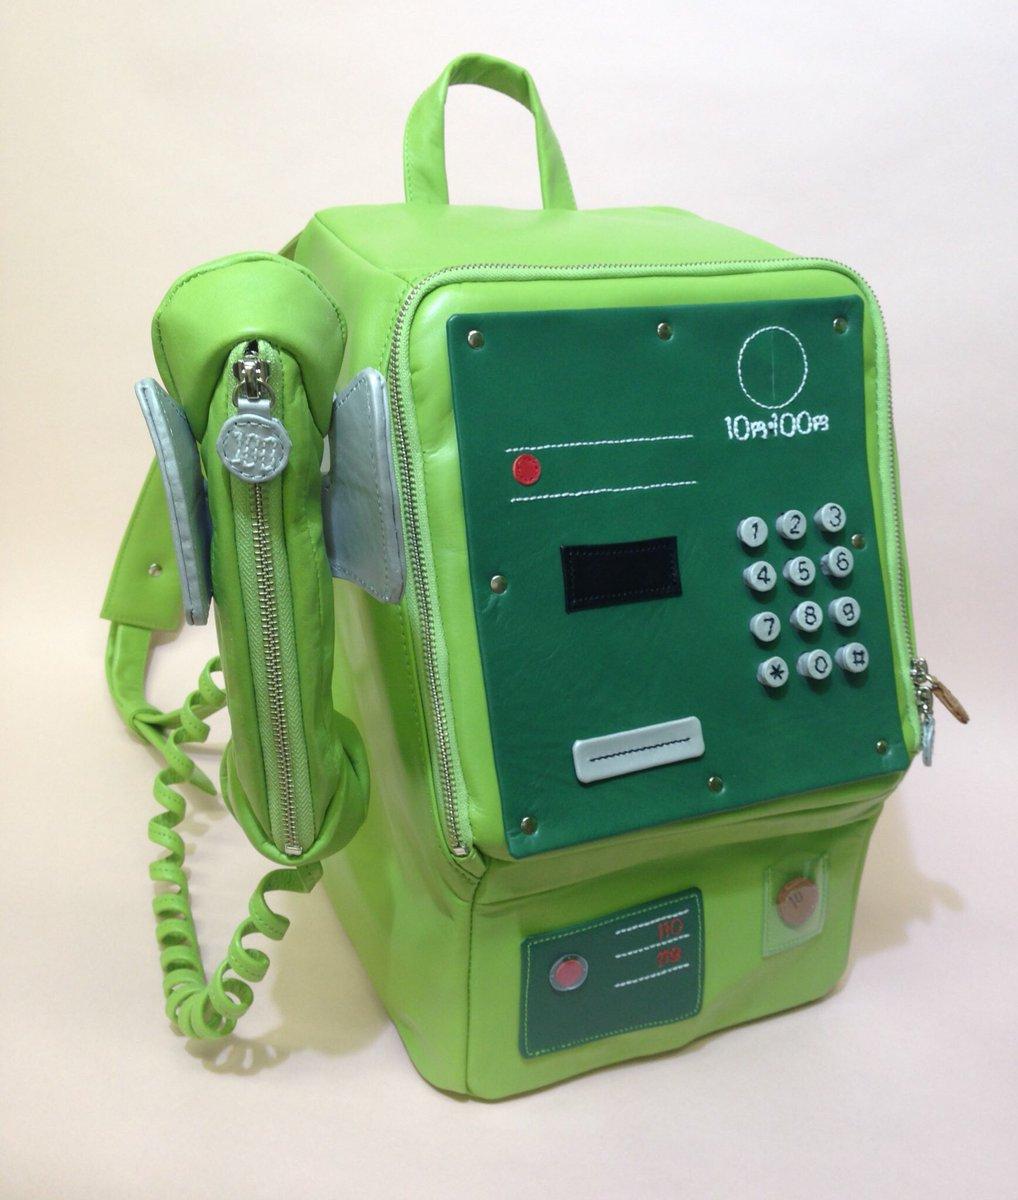 このタグにぴったりかと思いまして... 実寸大公衆電話型リュックサック 「こうきゅうでんわ」  #女の価値を決めるバッグ